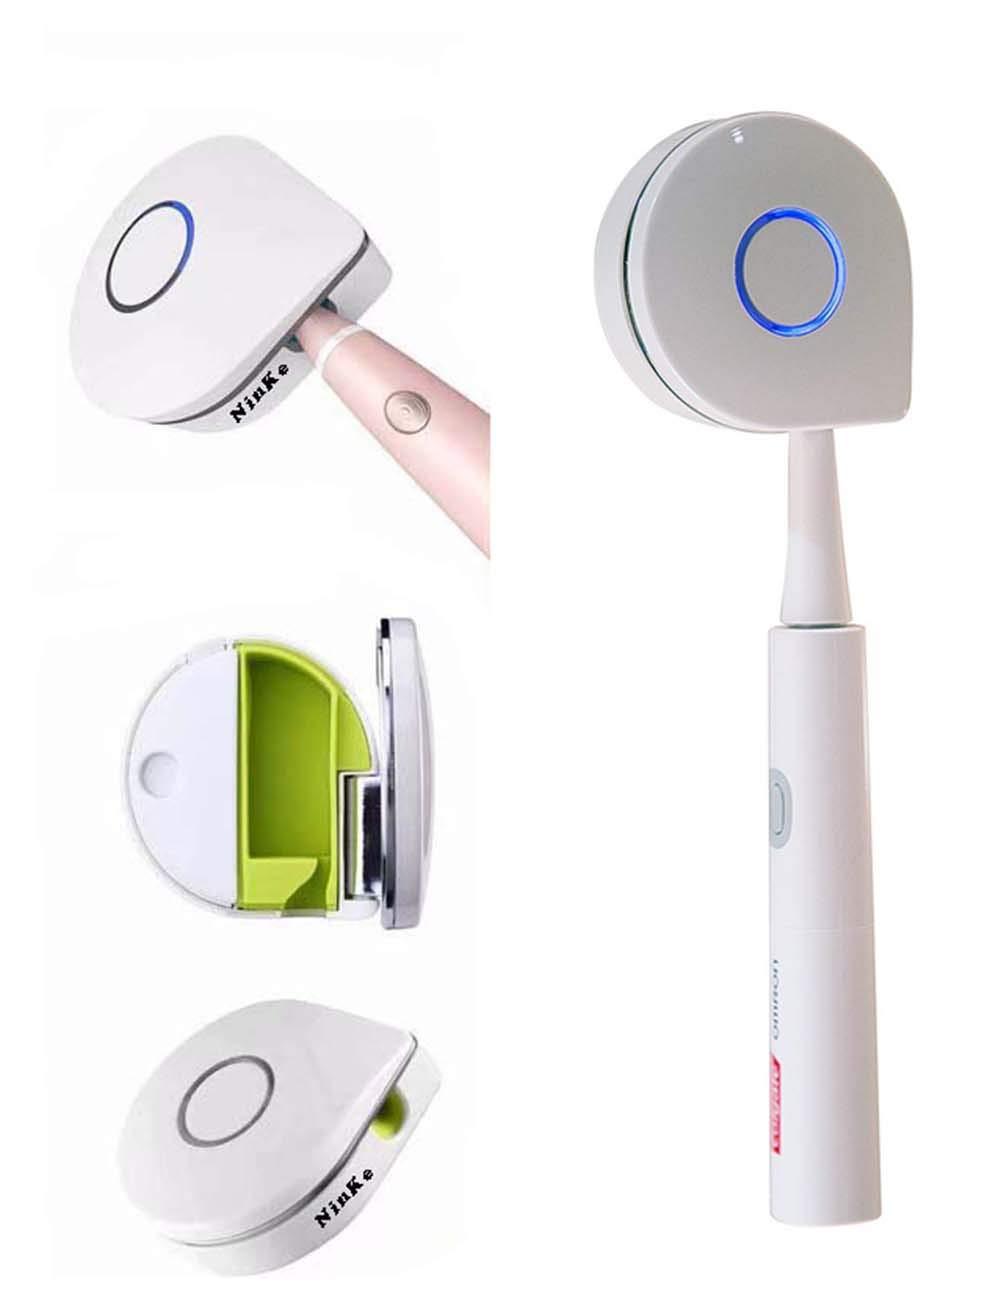 UV歯ブラシSanitizer ,紫外線抗菌歯ブラシクリーナー、ポータブル歯ブラシSterilizer with 2 changeableライナー、USB充電 B07172WW3Q  ホワイト